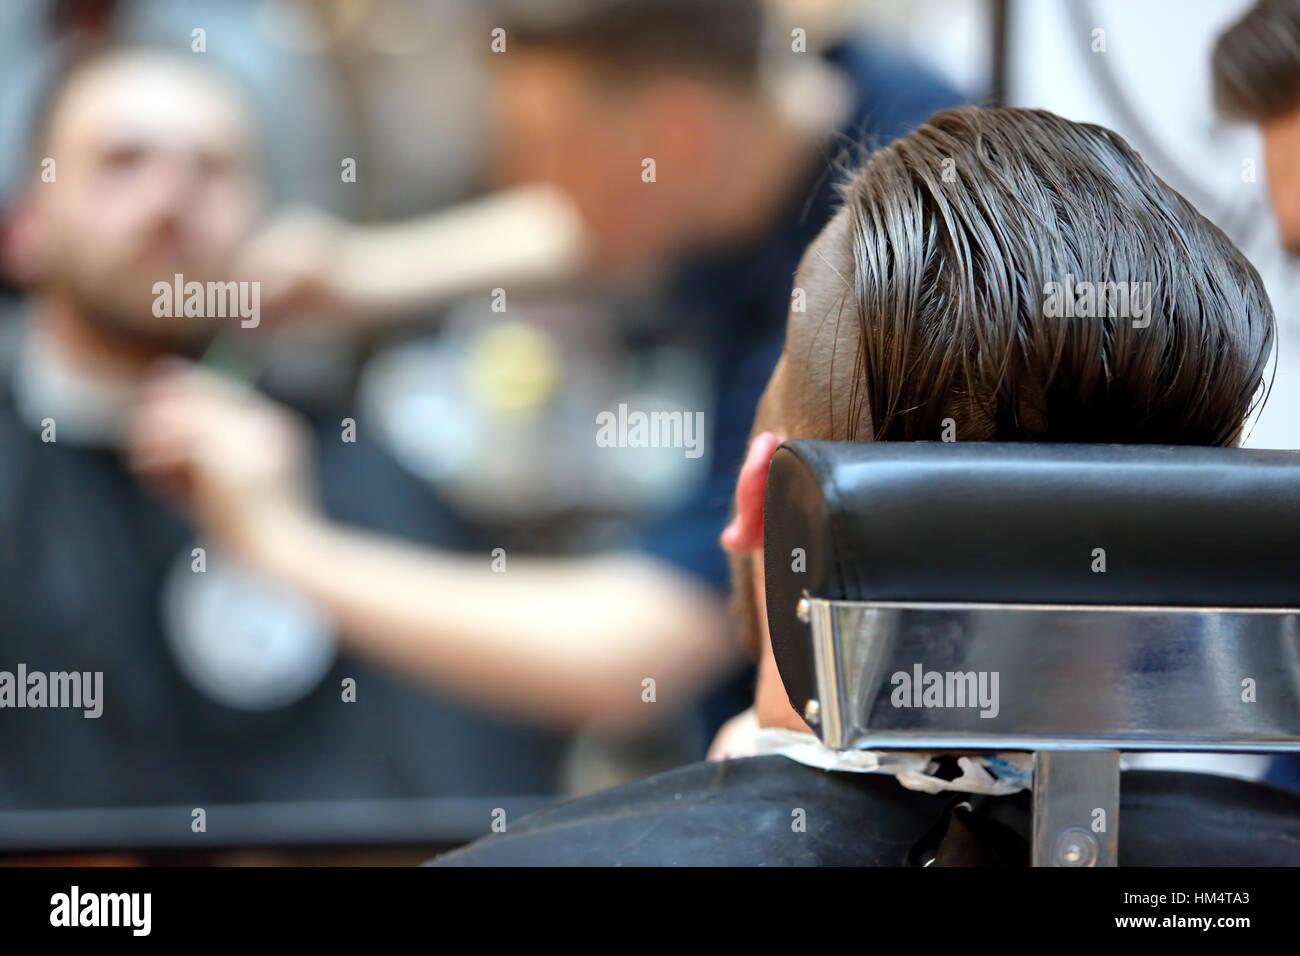 Le client à la coiffure coupe de barbe Photo Stock